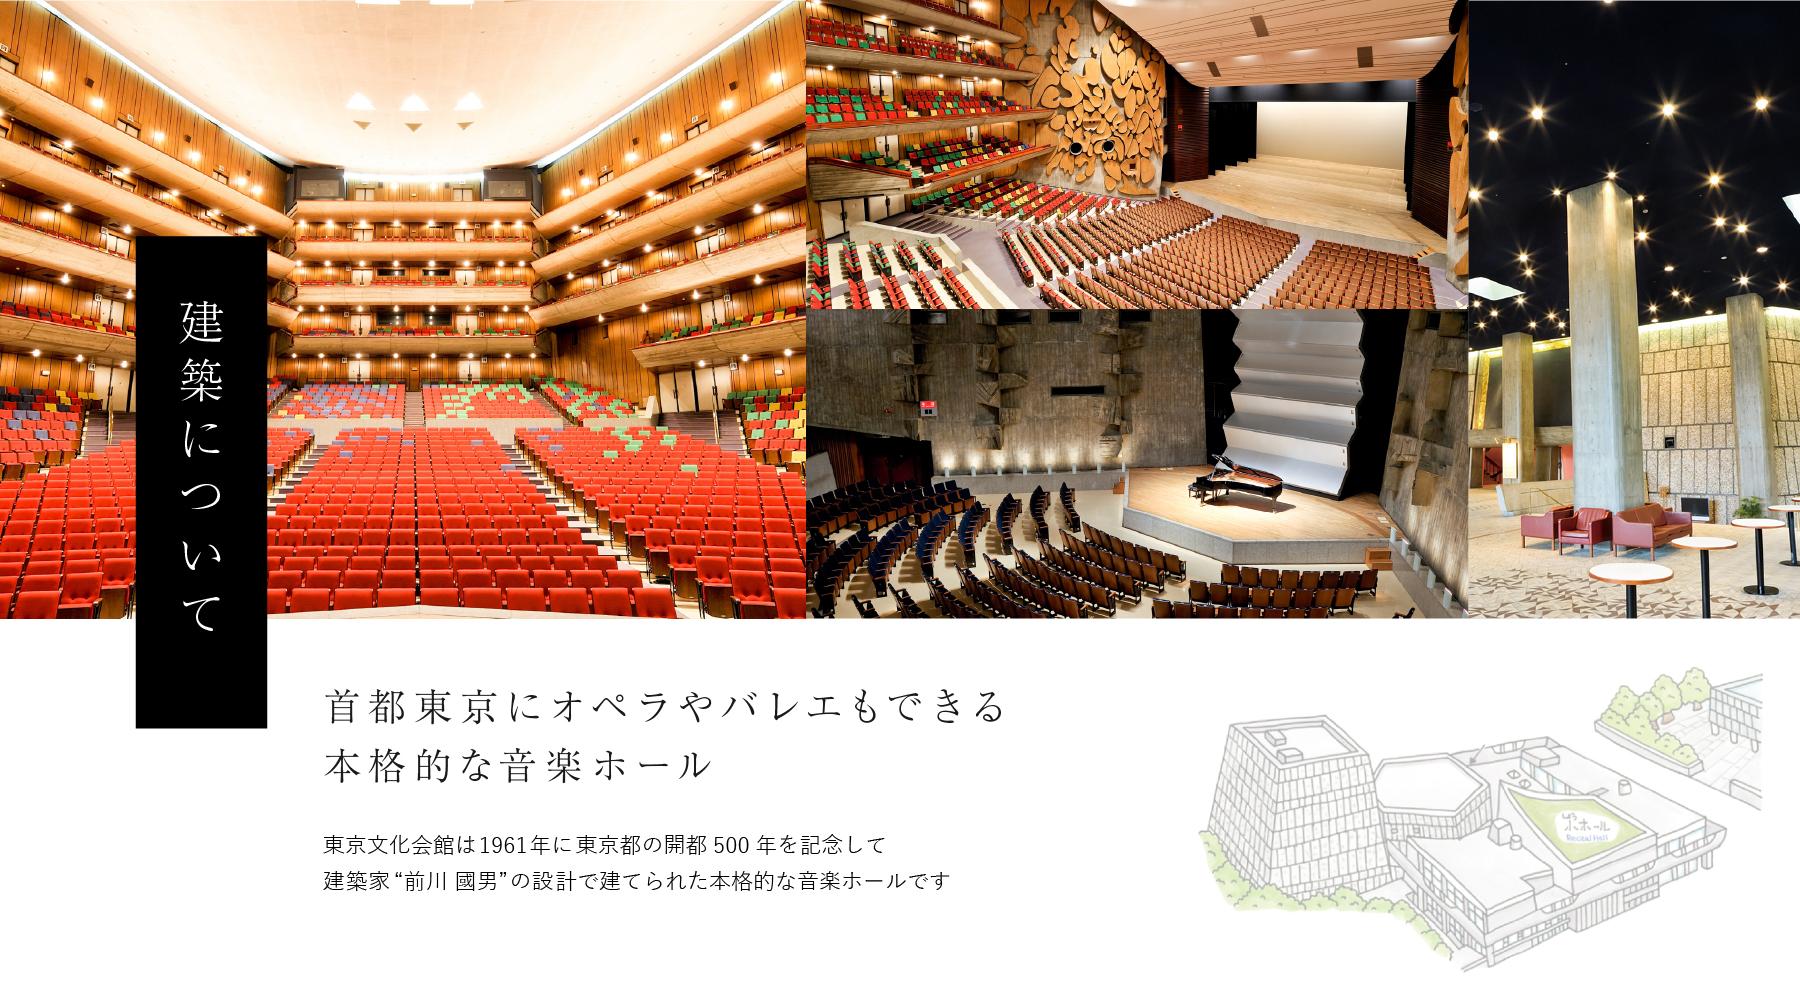 """建築について 首都東京にオペラやバレエもできる本格的な音楽ホール 東京文化会館は1961年に 東京都の開都500年を記念して建築家""""前川 國男""""の設計で建てられた本格的な音楽ホールです"""